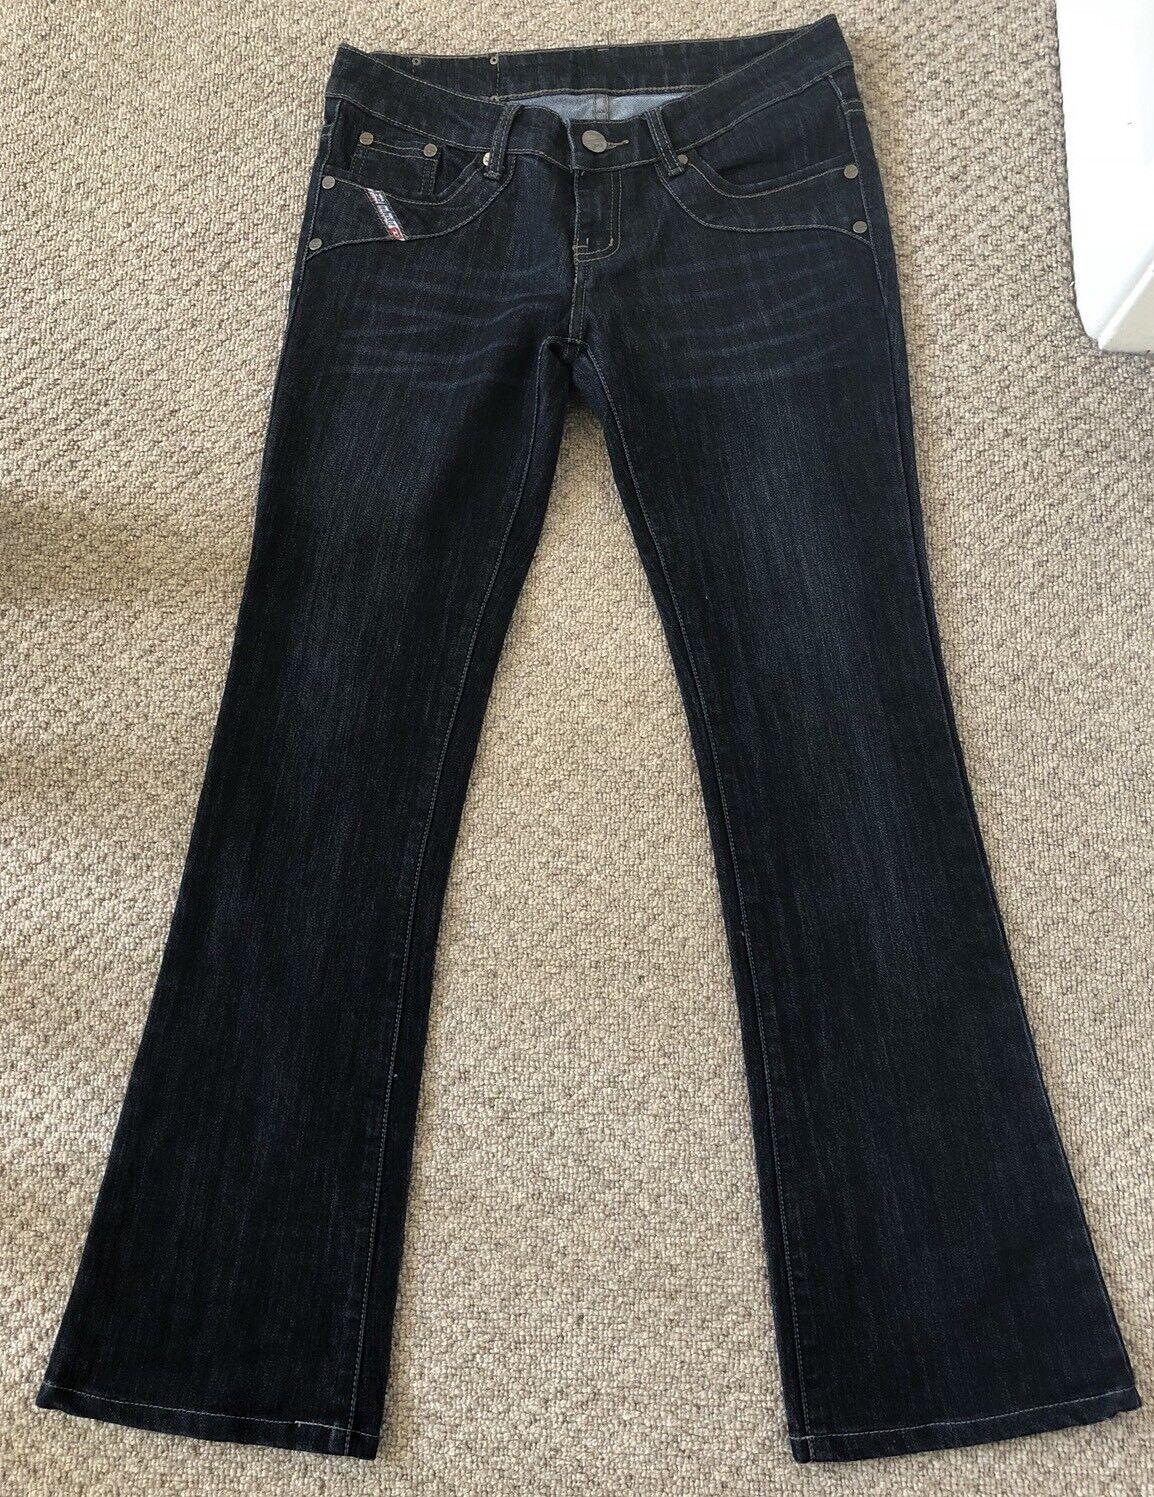 Diesel Industry Dark bluee Denim Low Rise Jeans Size 9   Approx